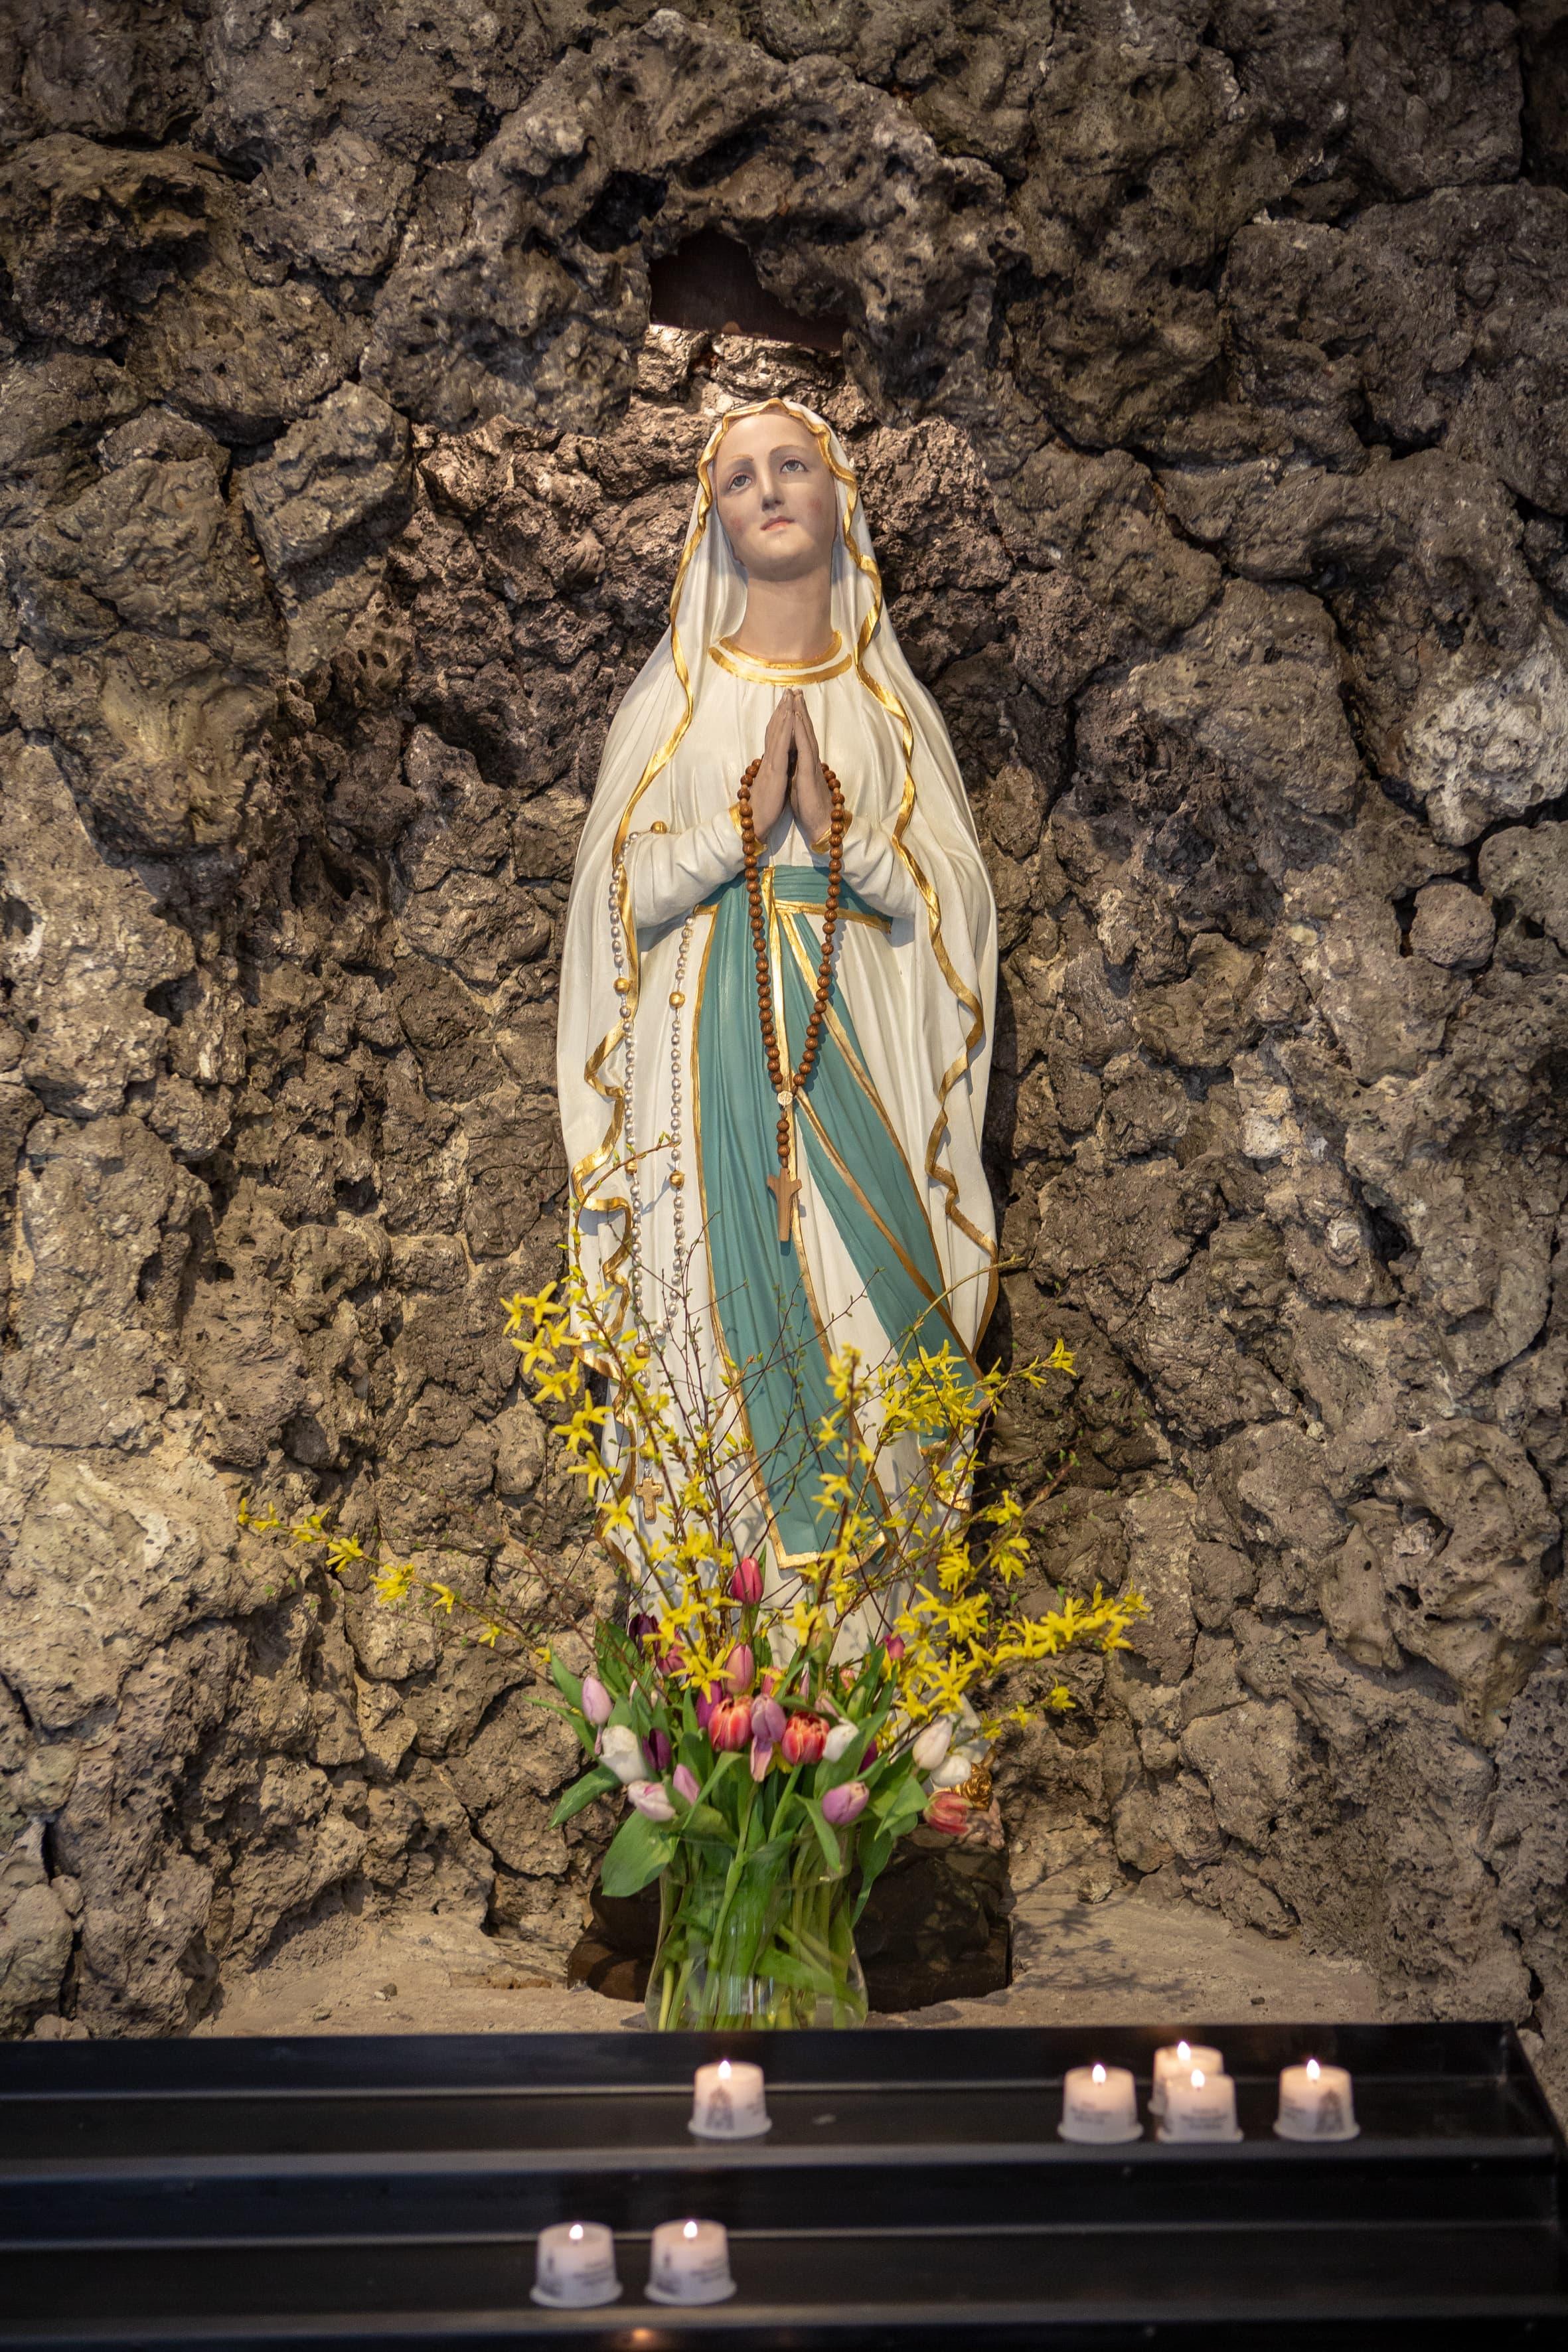 Pfarrkirche Mariä Himmelfahrt Bad Aibling Statue